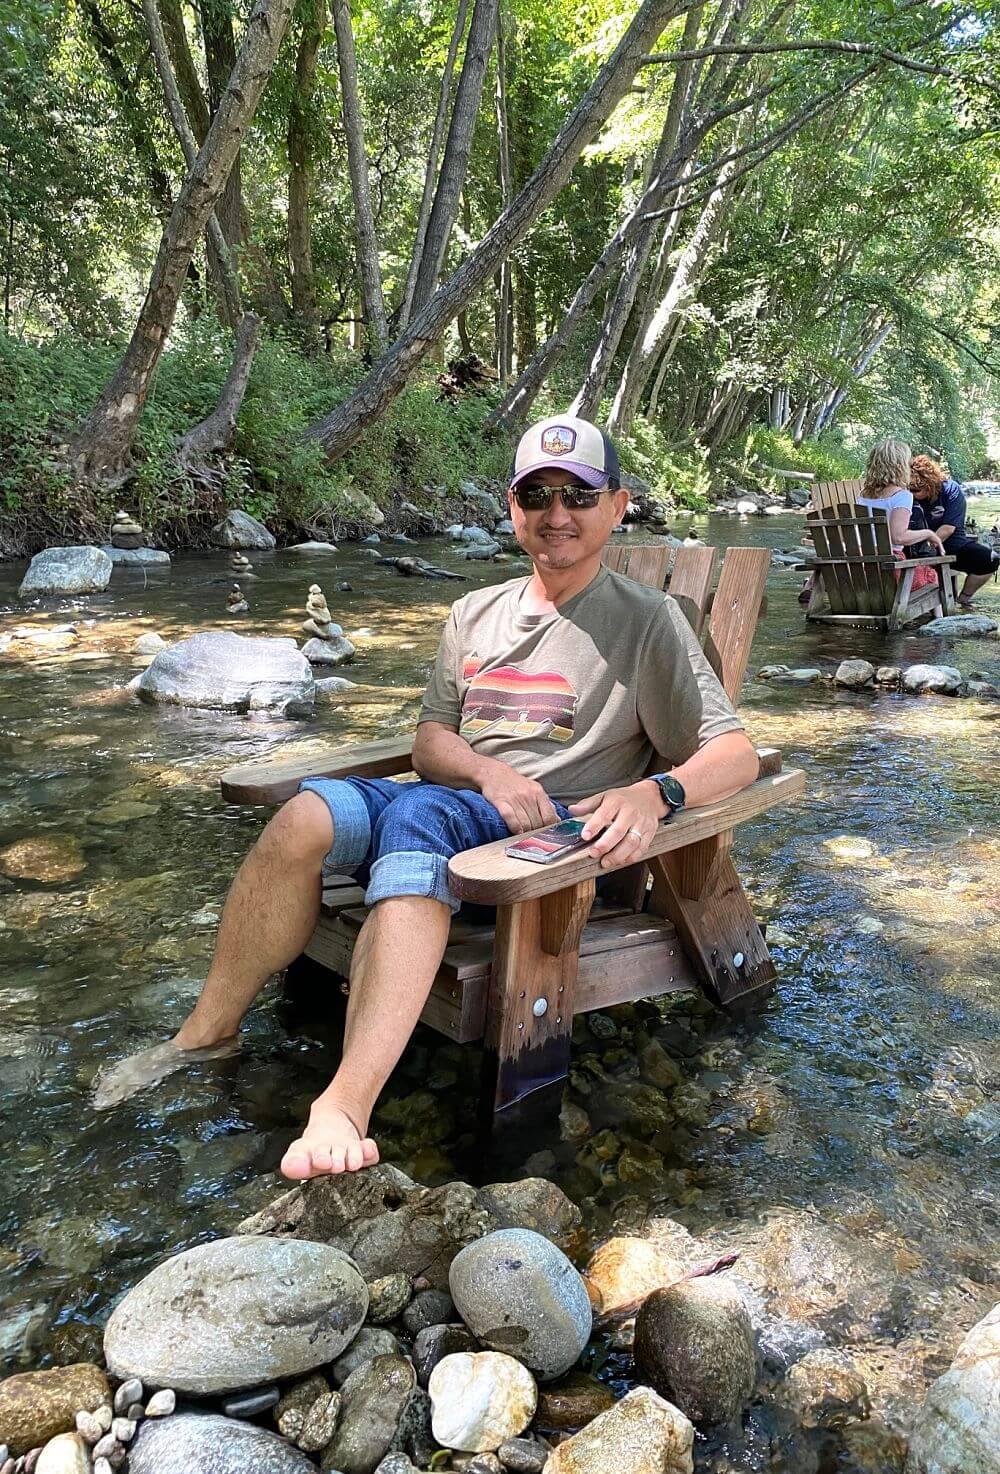 Jason at Big Sur River Inn